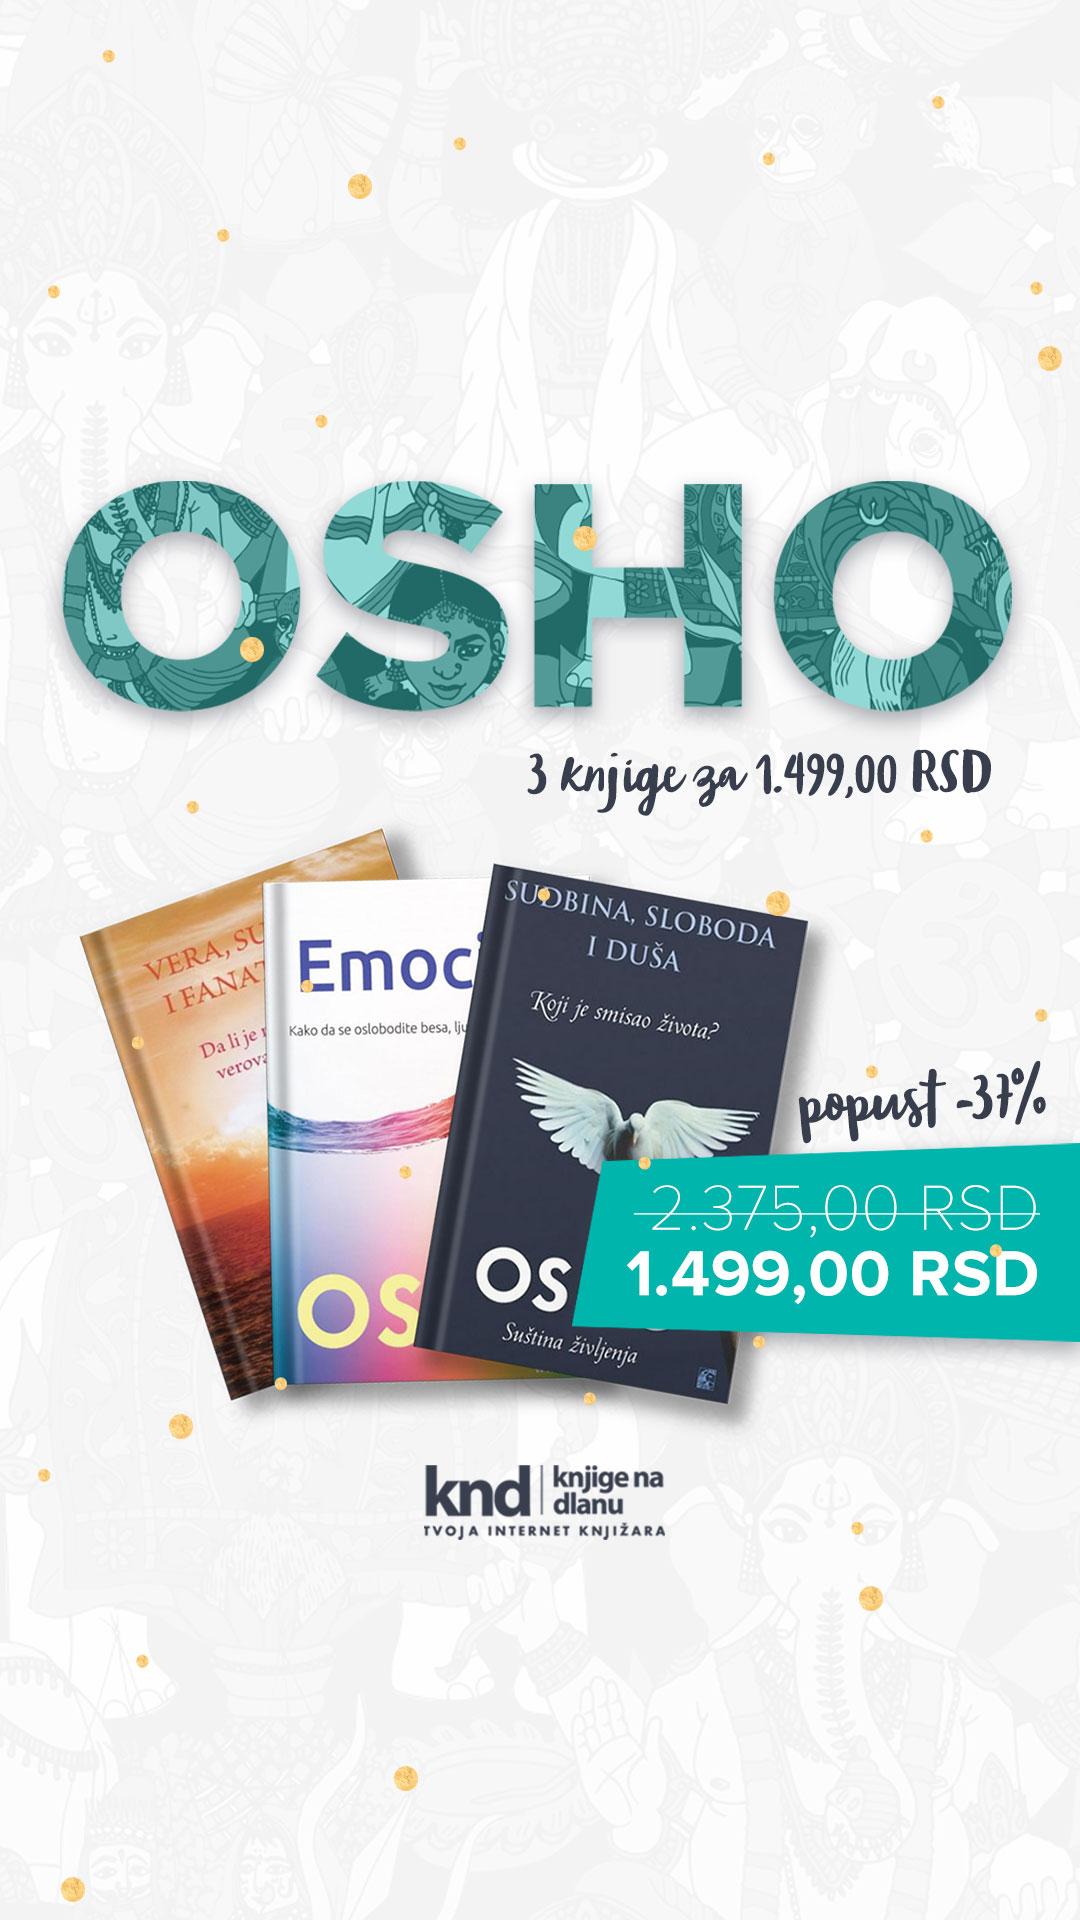 Komplet OSHO – 3 knjige za 1499